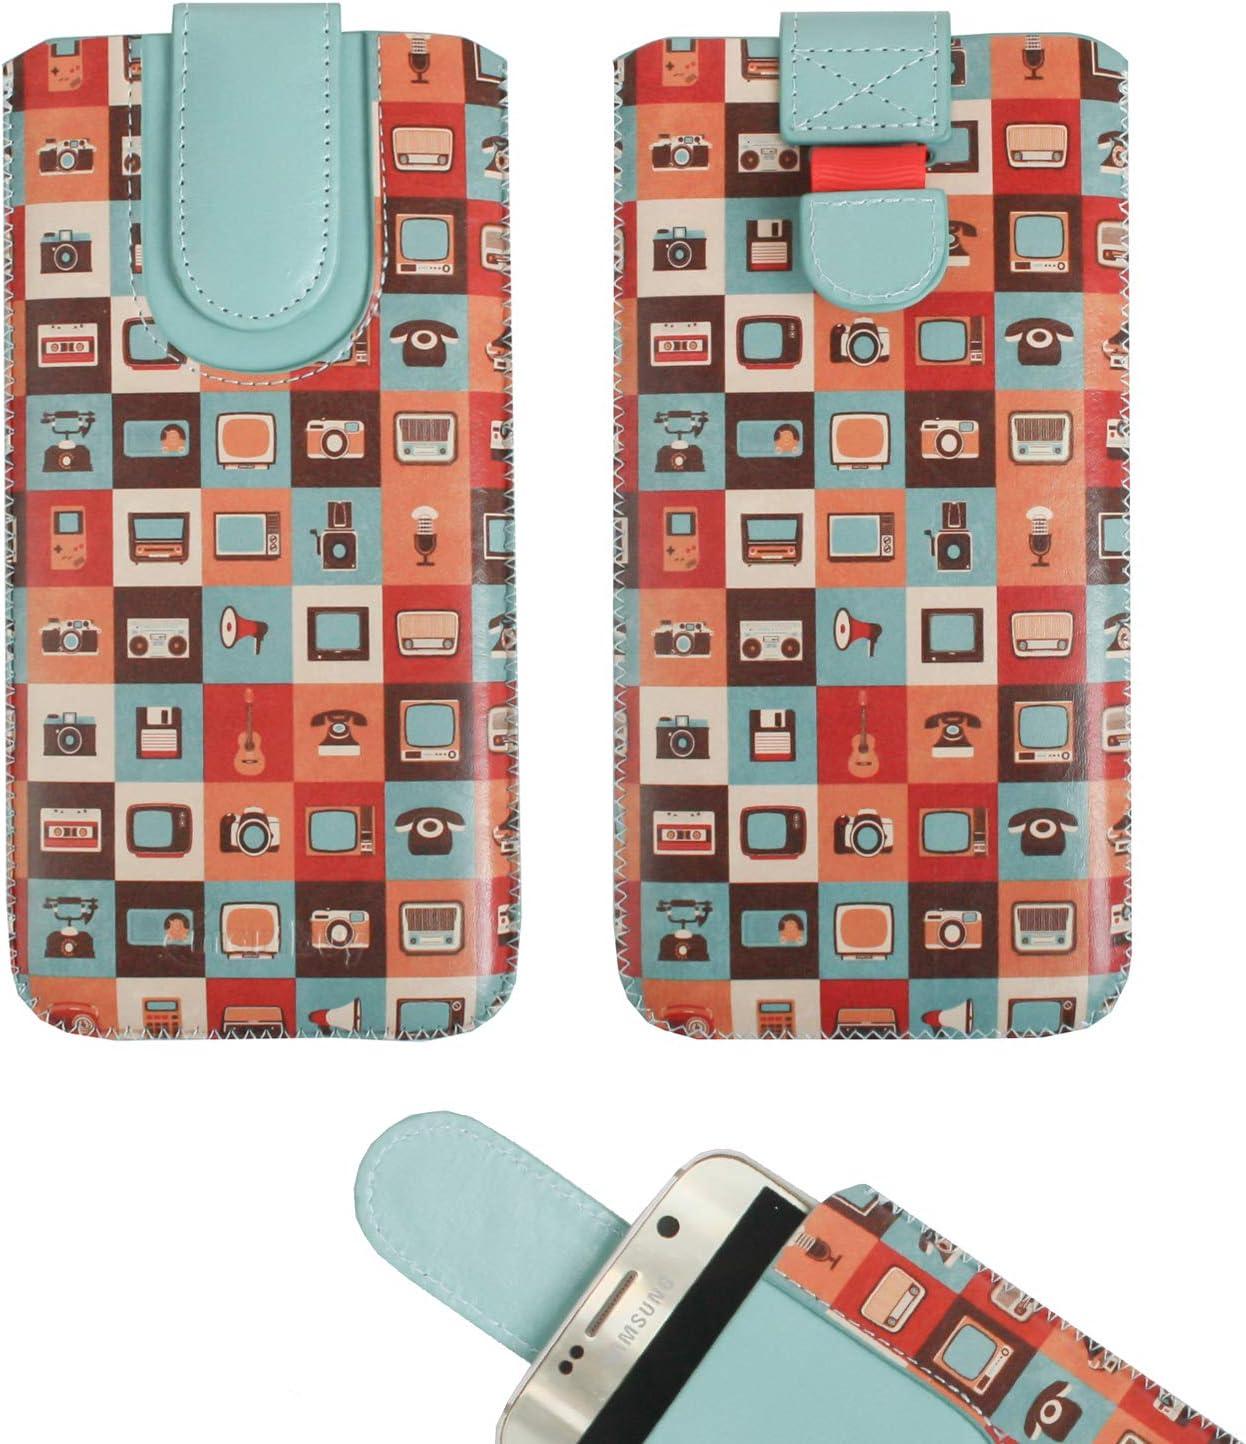 Emartbuy Gadgets Cuero Premium PU Deslizar en Funda Case Tipo Bolsa (Talla LM5) con Mecanismo de Lengüeta Adecuado para Teléfonos Inteligentes Que Figuran a Continuación: Amazon.es: Electrónica